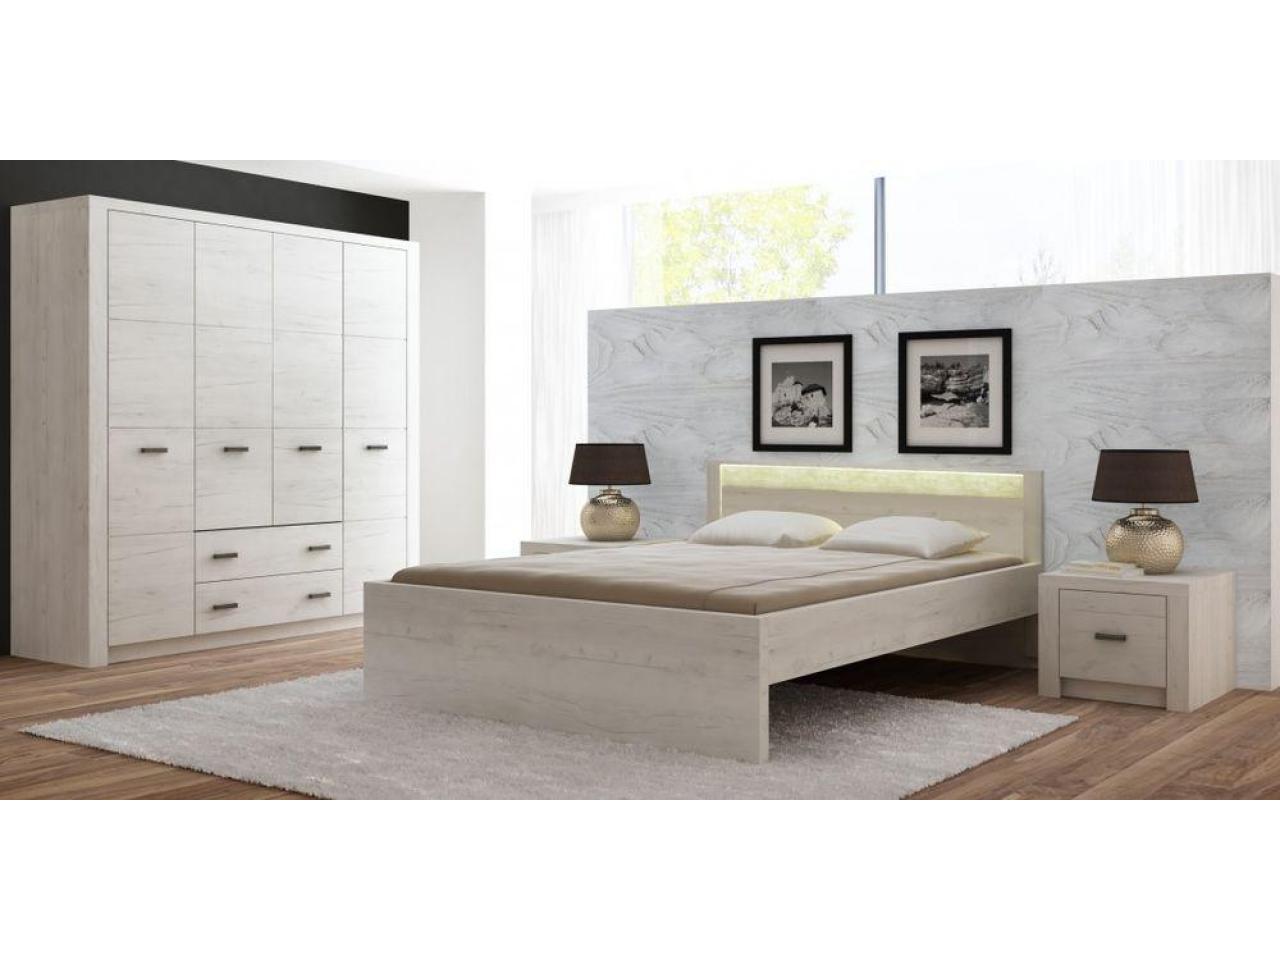 Furnipol -спальни по доступным ценам - 6